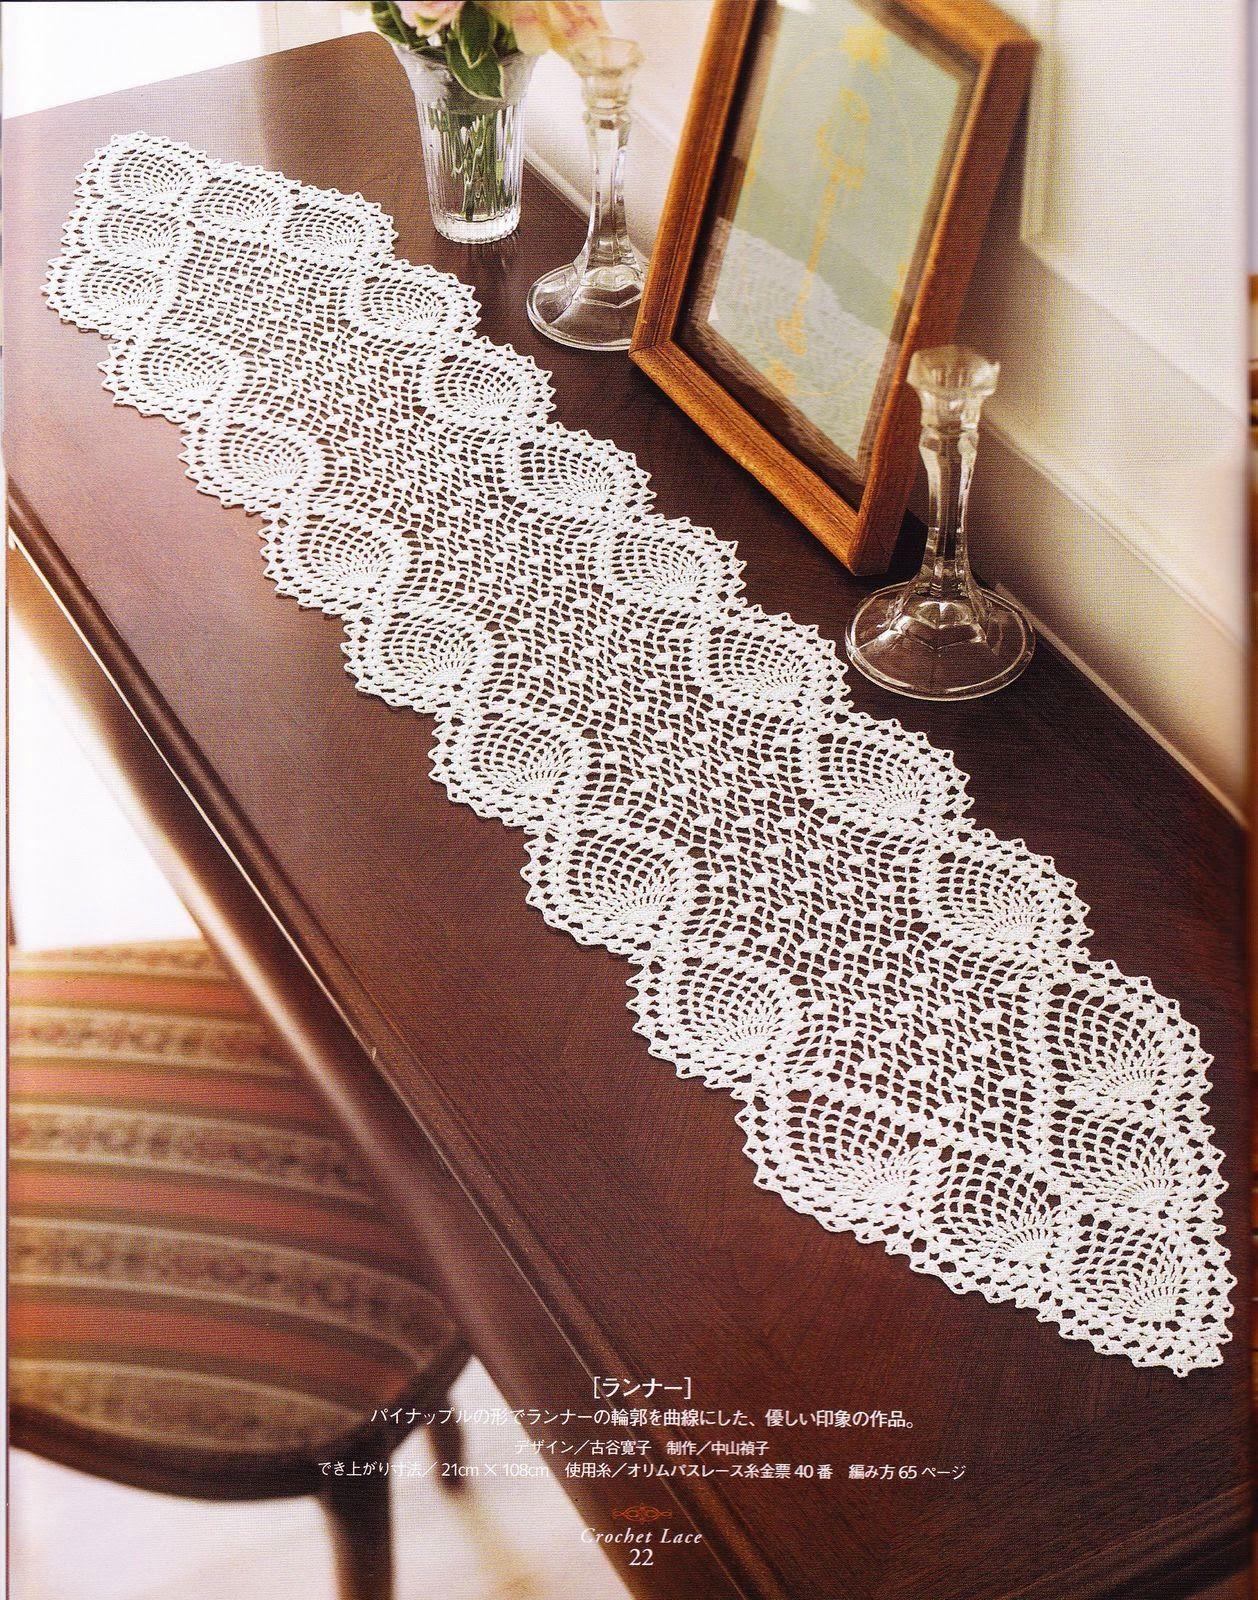 PATRONES GRATIS DE CROCHET: Camino de mesa | caminos de mesa a ...